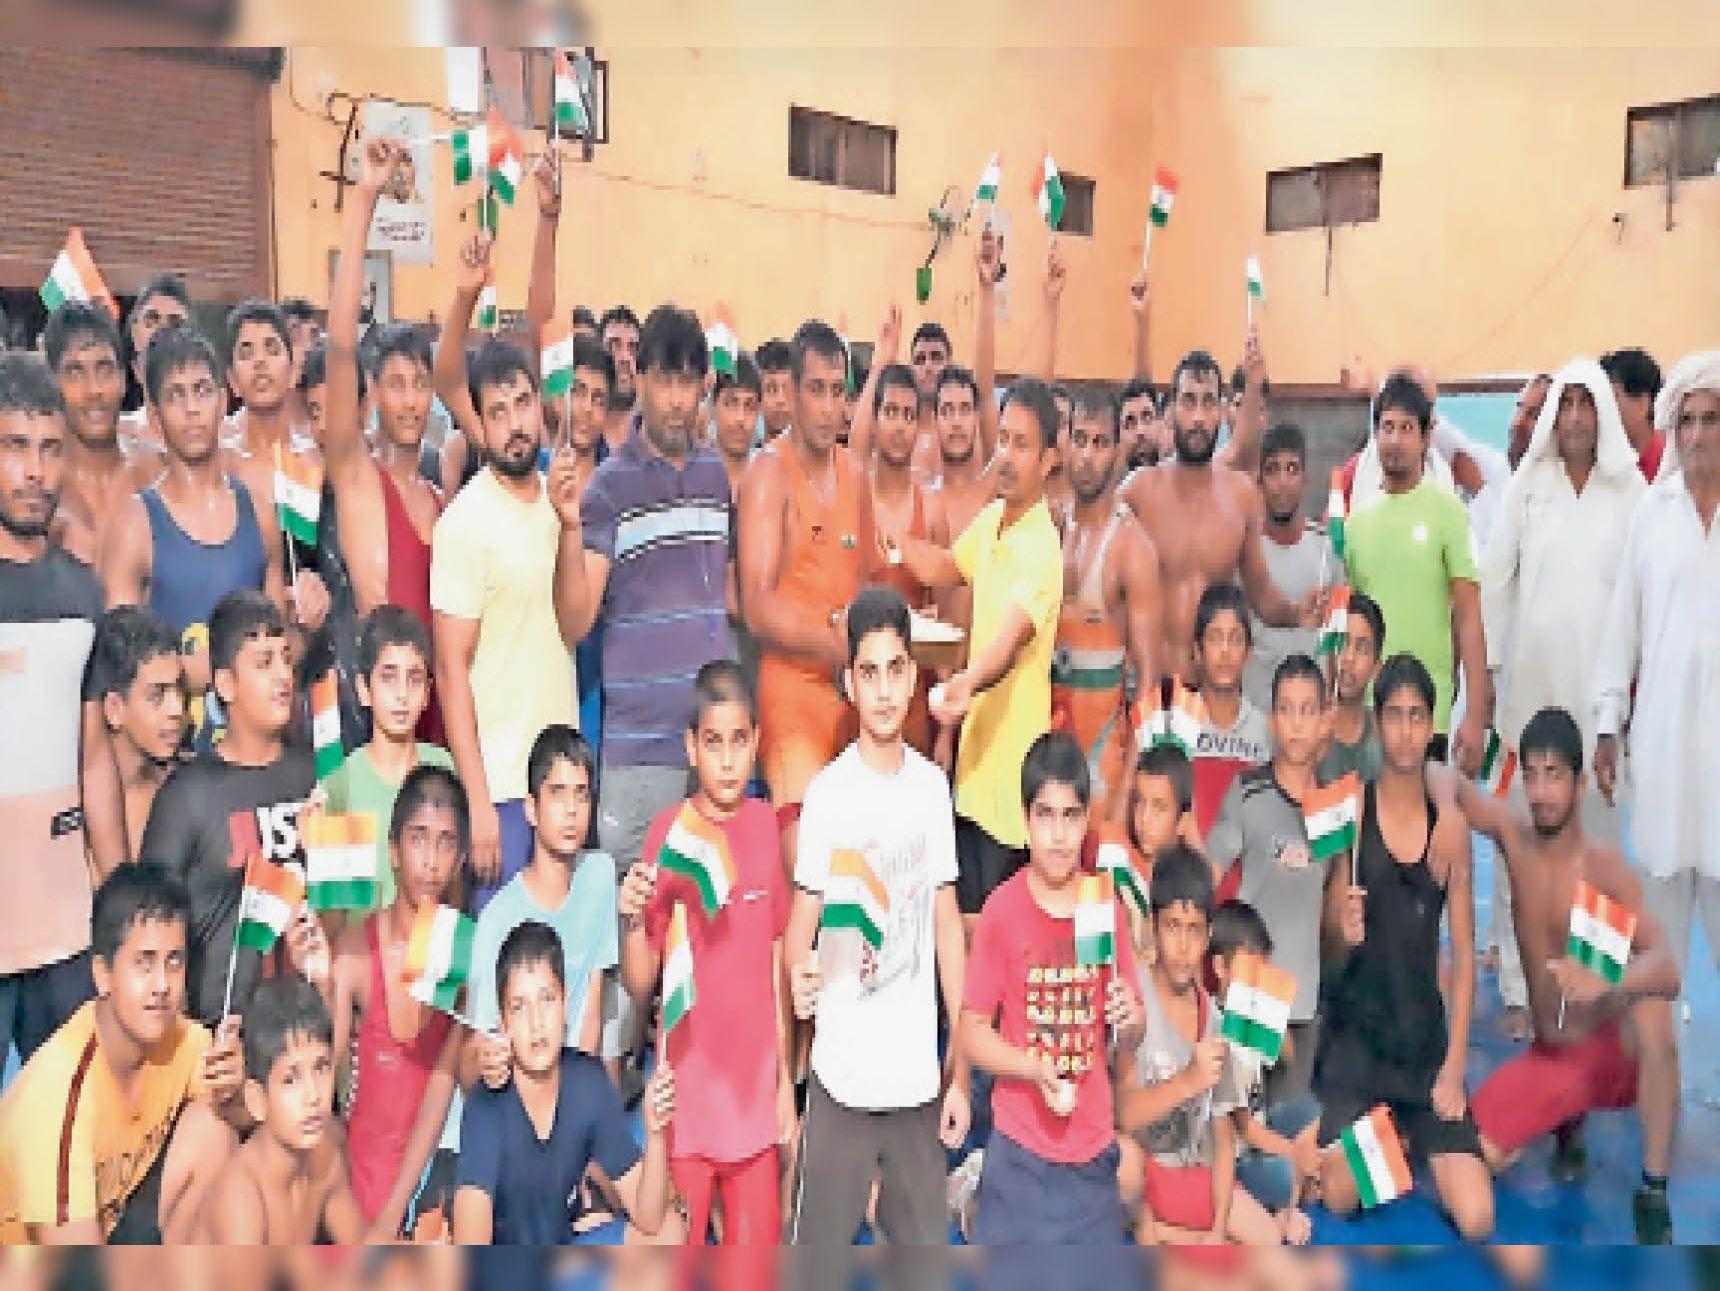 गांव छारा के वीरेंद्र अखाड़ा के पहलवान बजरंग पूनिया की जीत पर तिरंगा लहरा कर खुशी मनाते हुए। - Dainik Bhaskar